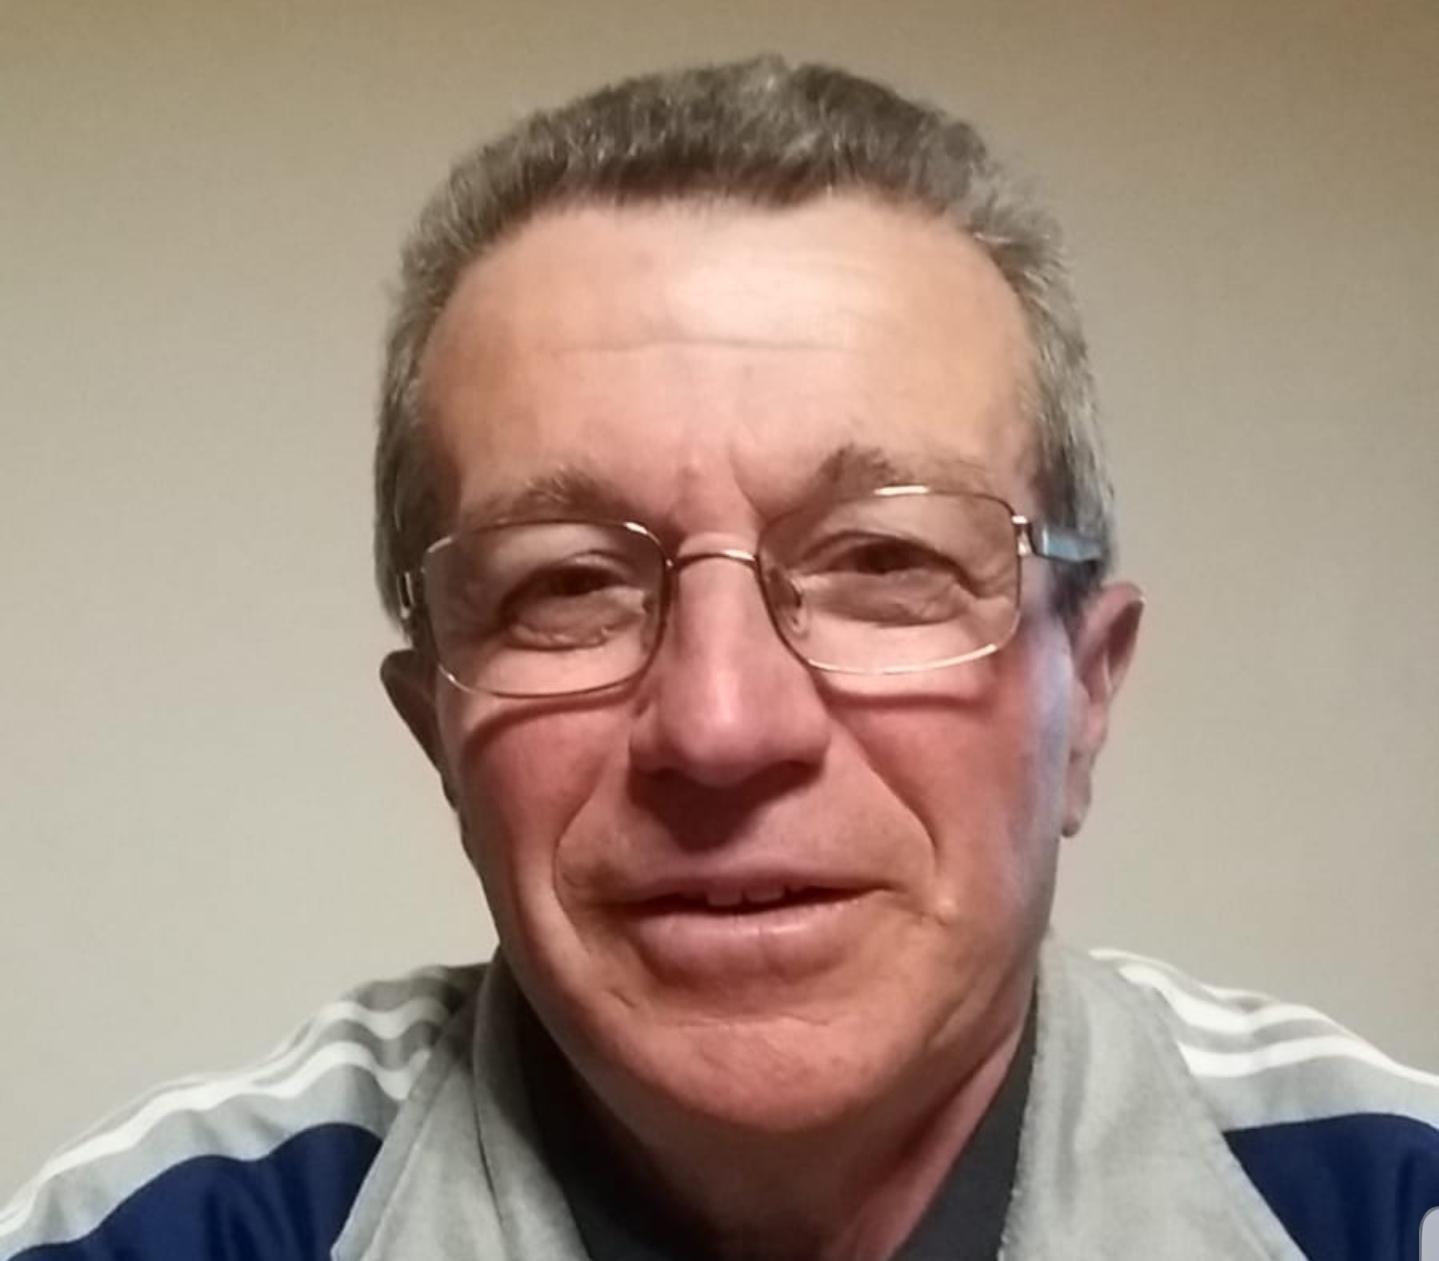 Romolo Marchegiani